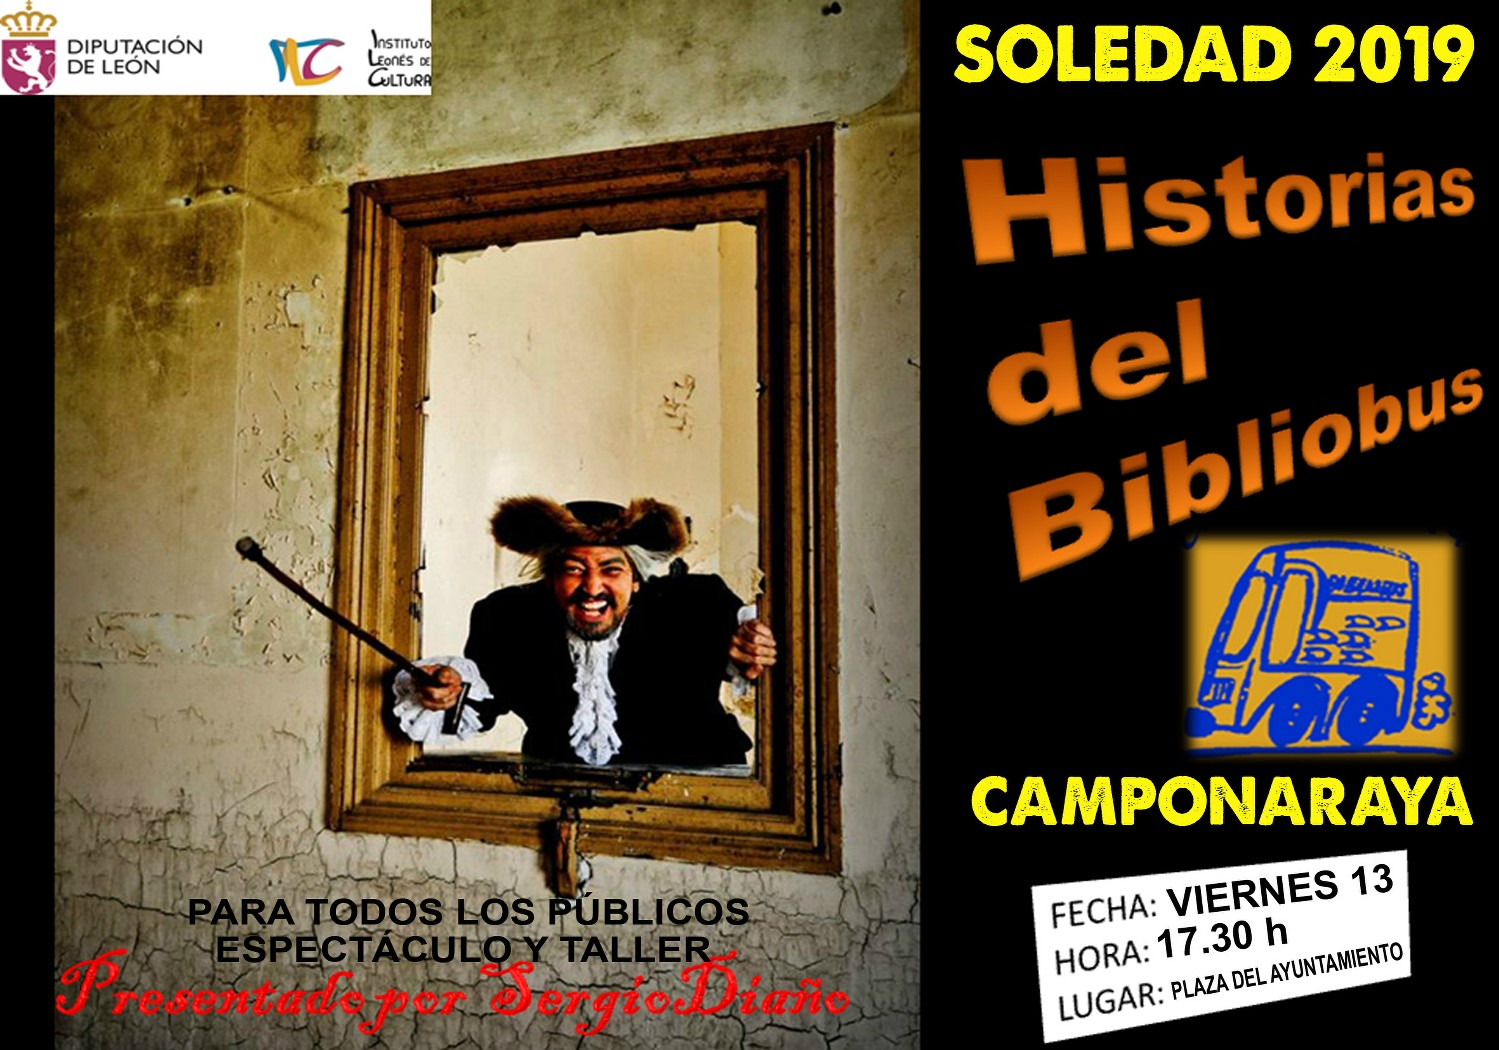 Fiestas de La Soledad 2019 en Camponaraya | Programa de actividades 16